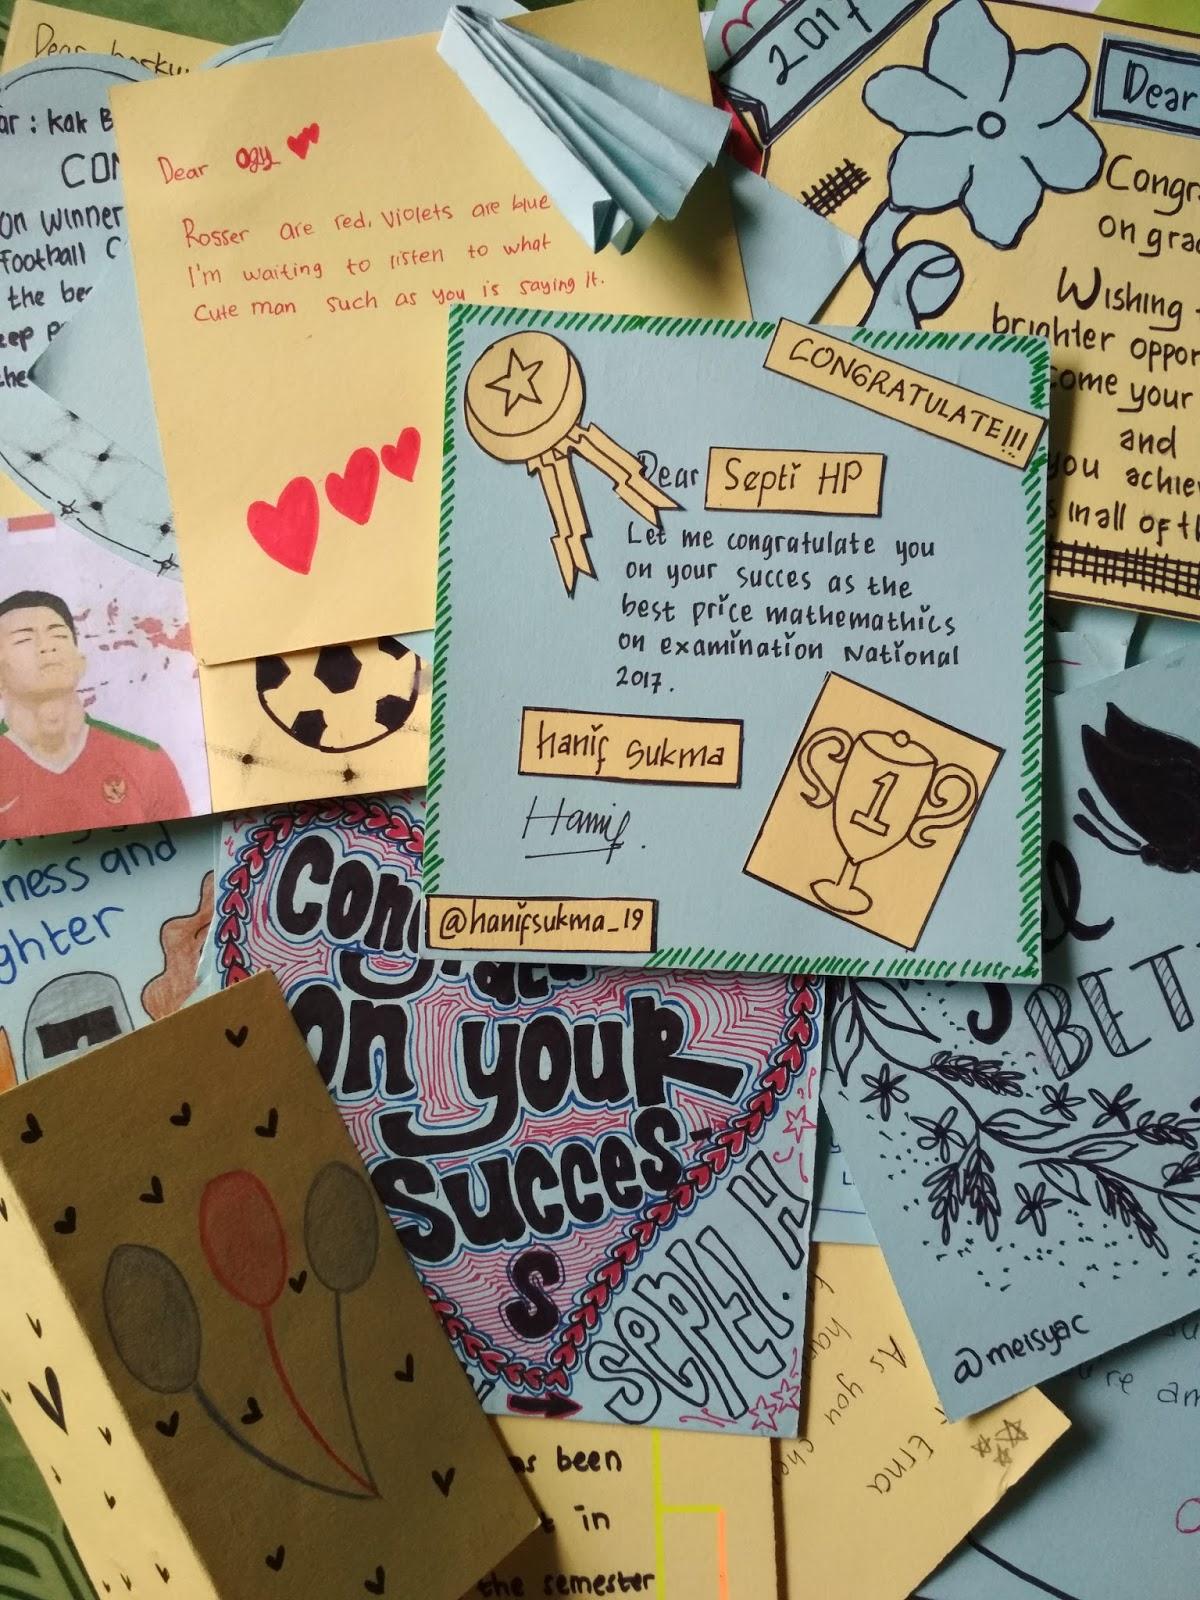 Kartu Ucapan Bahasa Inggris : kartu, ucapan, bahasa, inggris, Contoh, Congratulation, (Kartu, Ucapan, Selamat, Dalam, Bahasa, Inggris), Tunggal